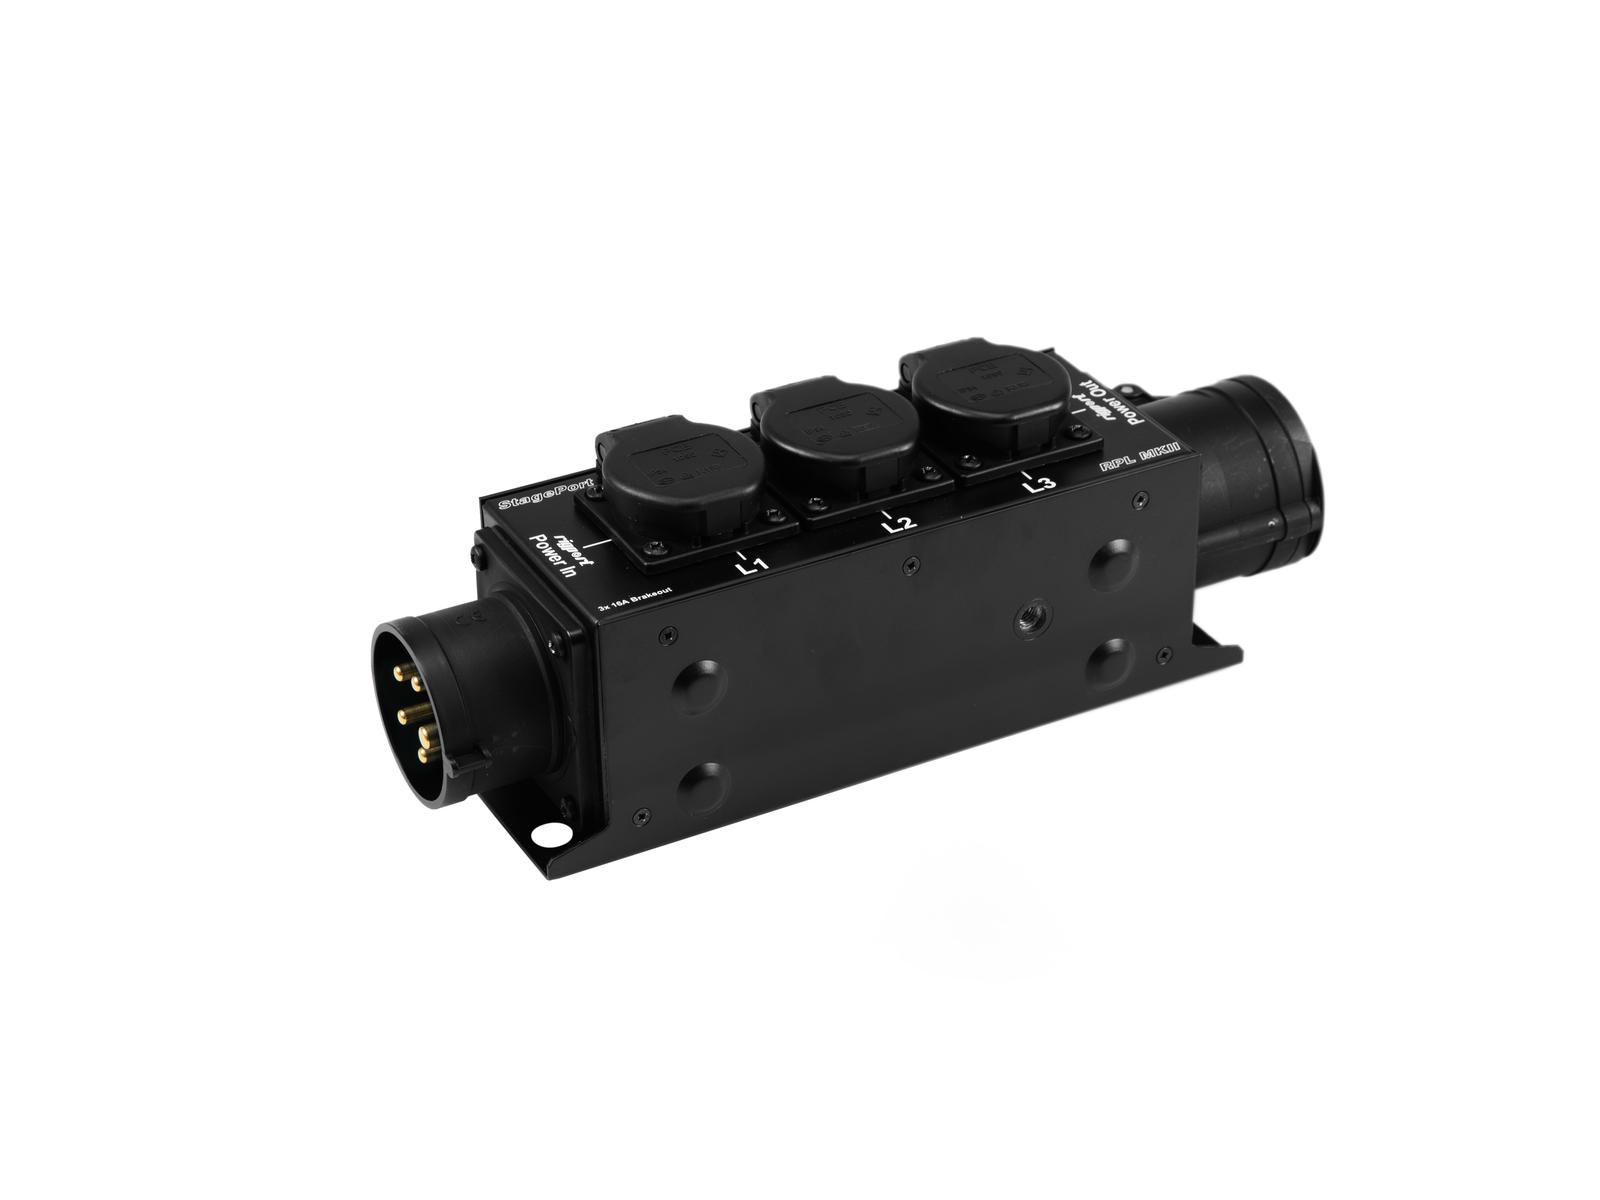 RIGPORT RPL-16S MK2 Stromverteiler